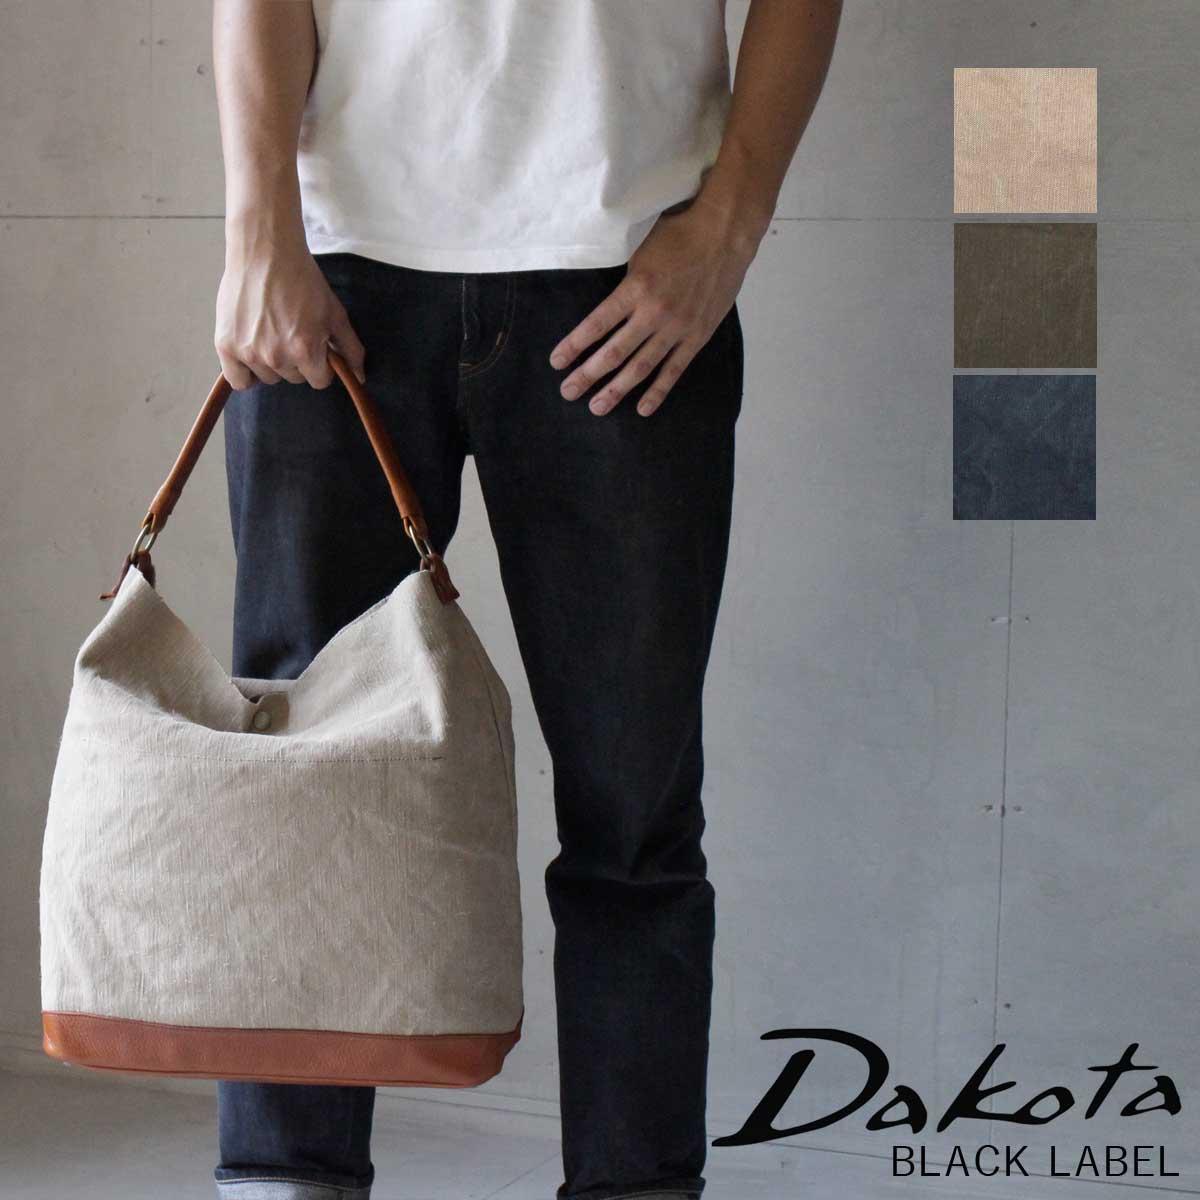 【選べるノベルティ大好評】Dakota BLACK LABEL ダコタブラックレーベル セルビッヂ ワンショルダーバッグ ジュート×牛革 1620291【日本製】【A4】